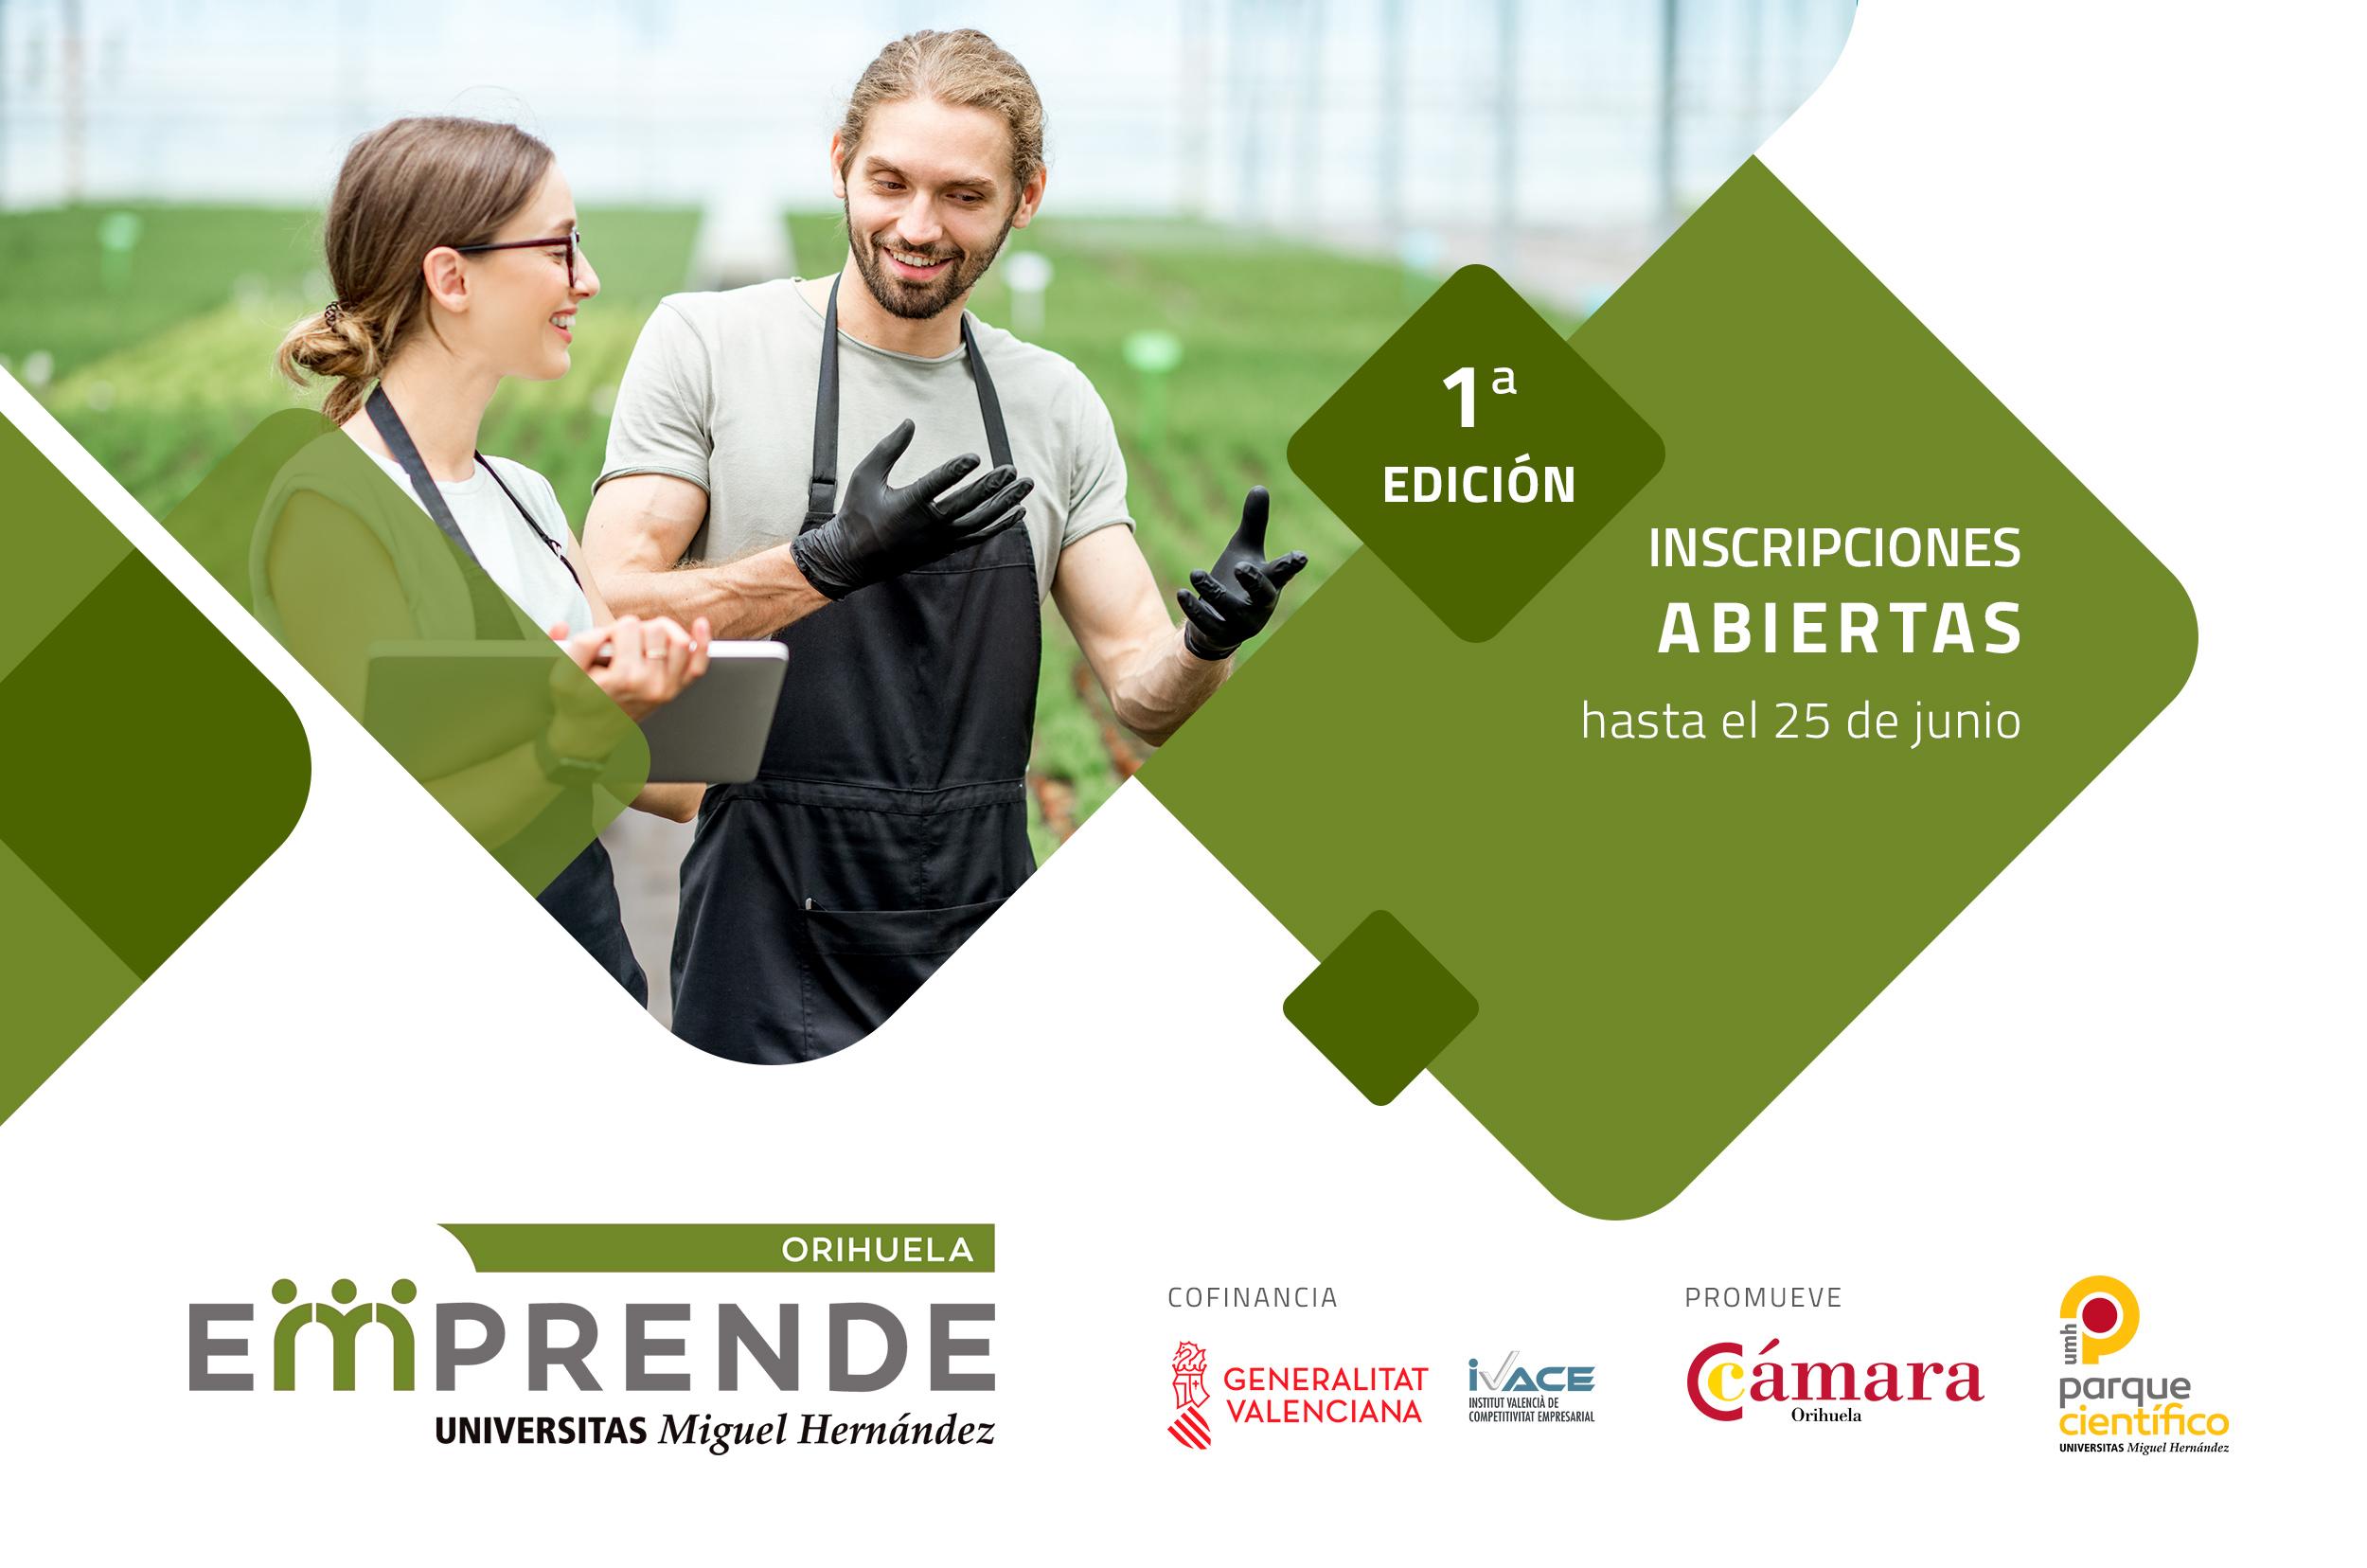 Presentación del programa Orihuela Emprende para emprendedores y empresas de la Vega Baja